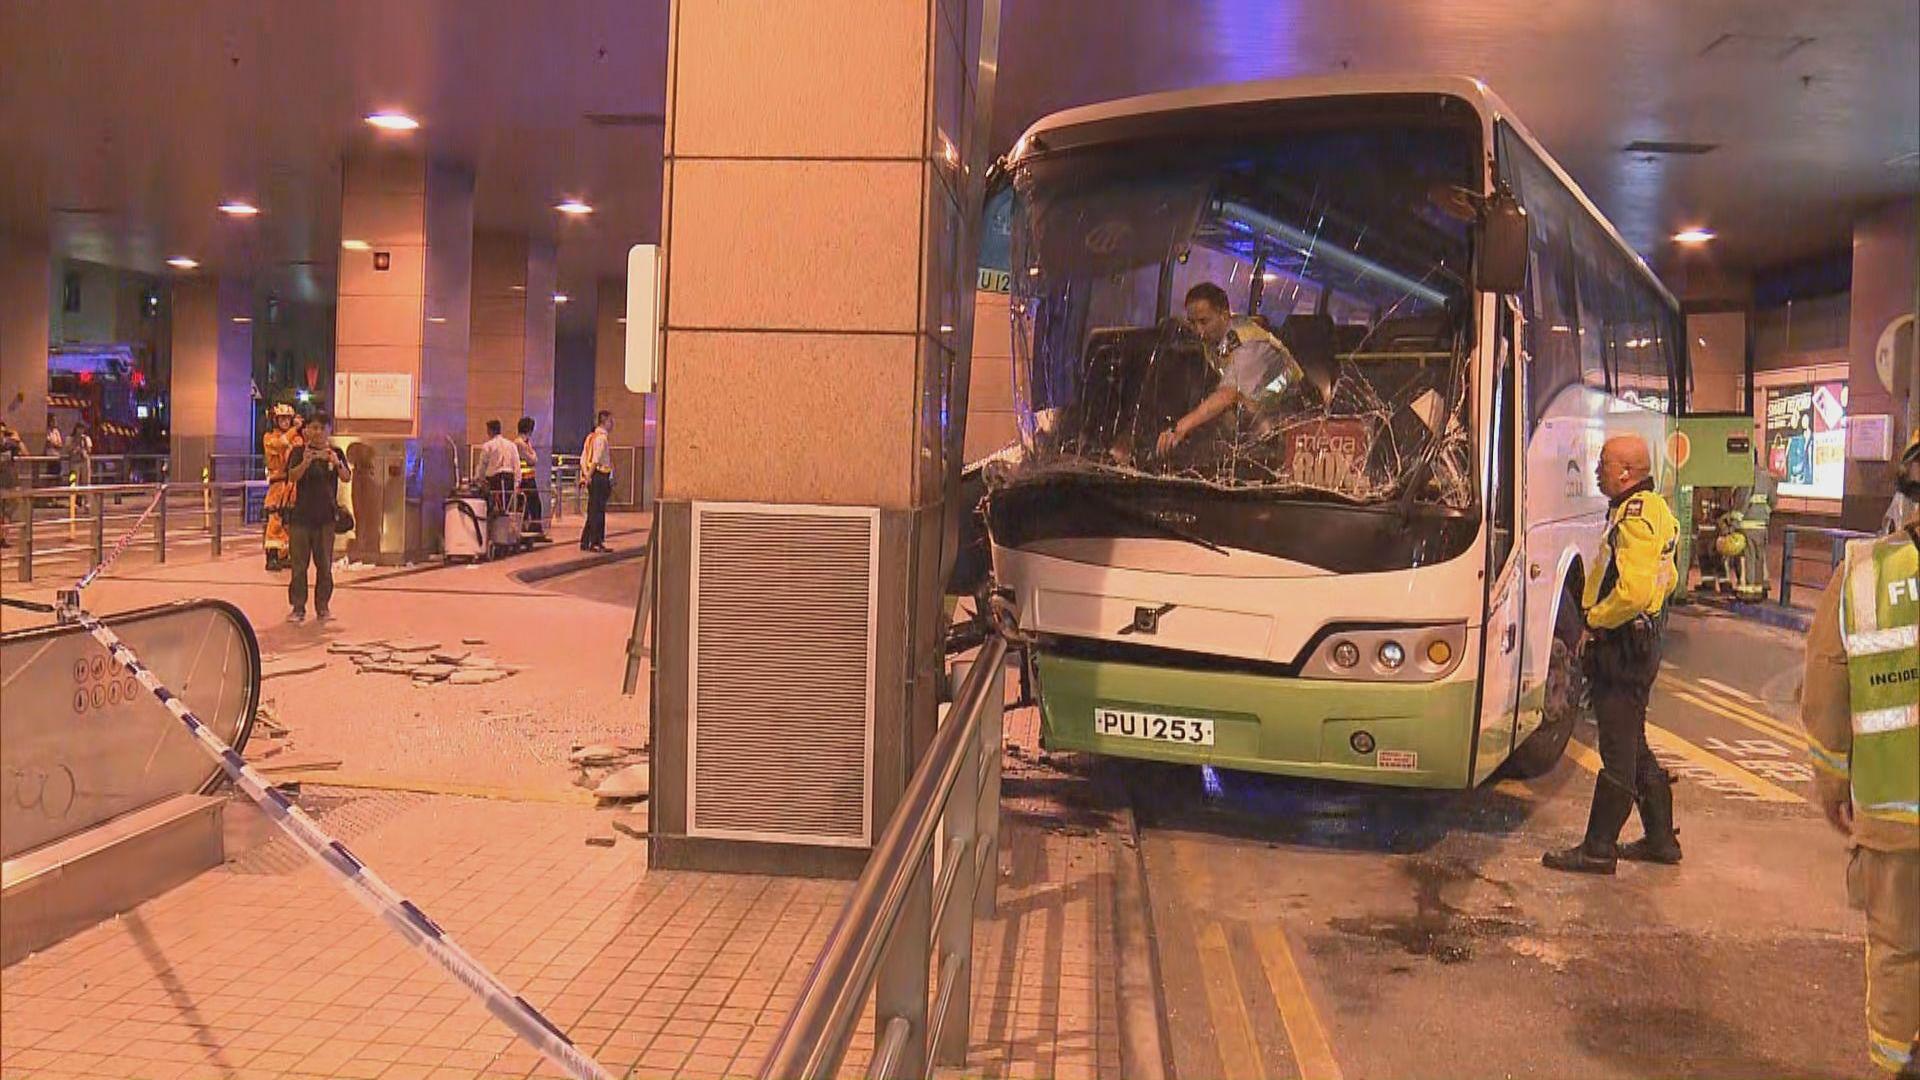 九龍灣德福接駁巴士剷上行人路 一死十六傷